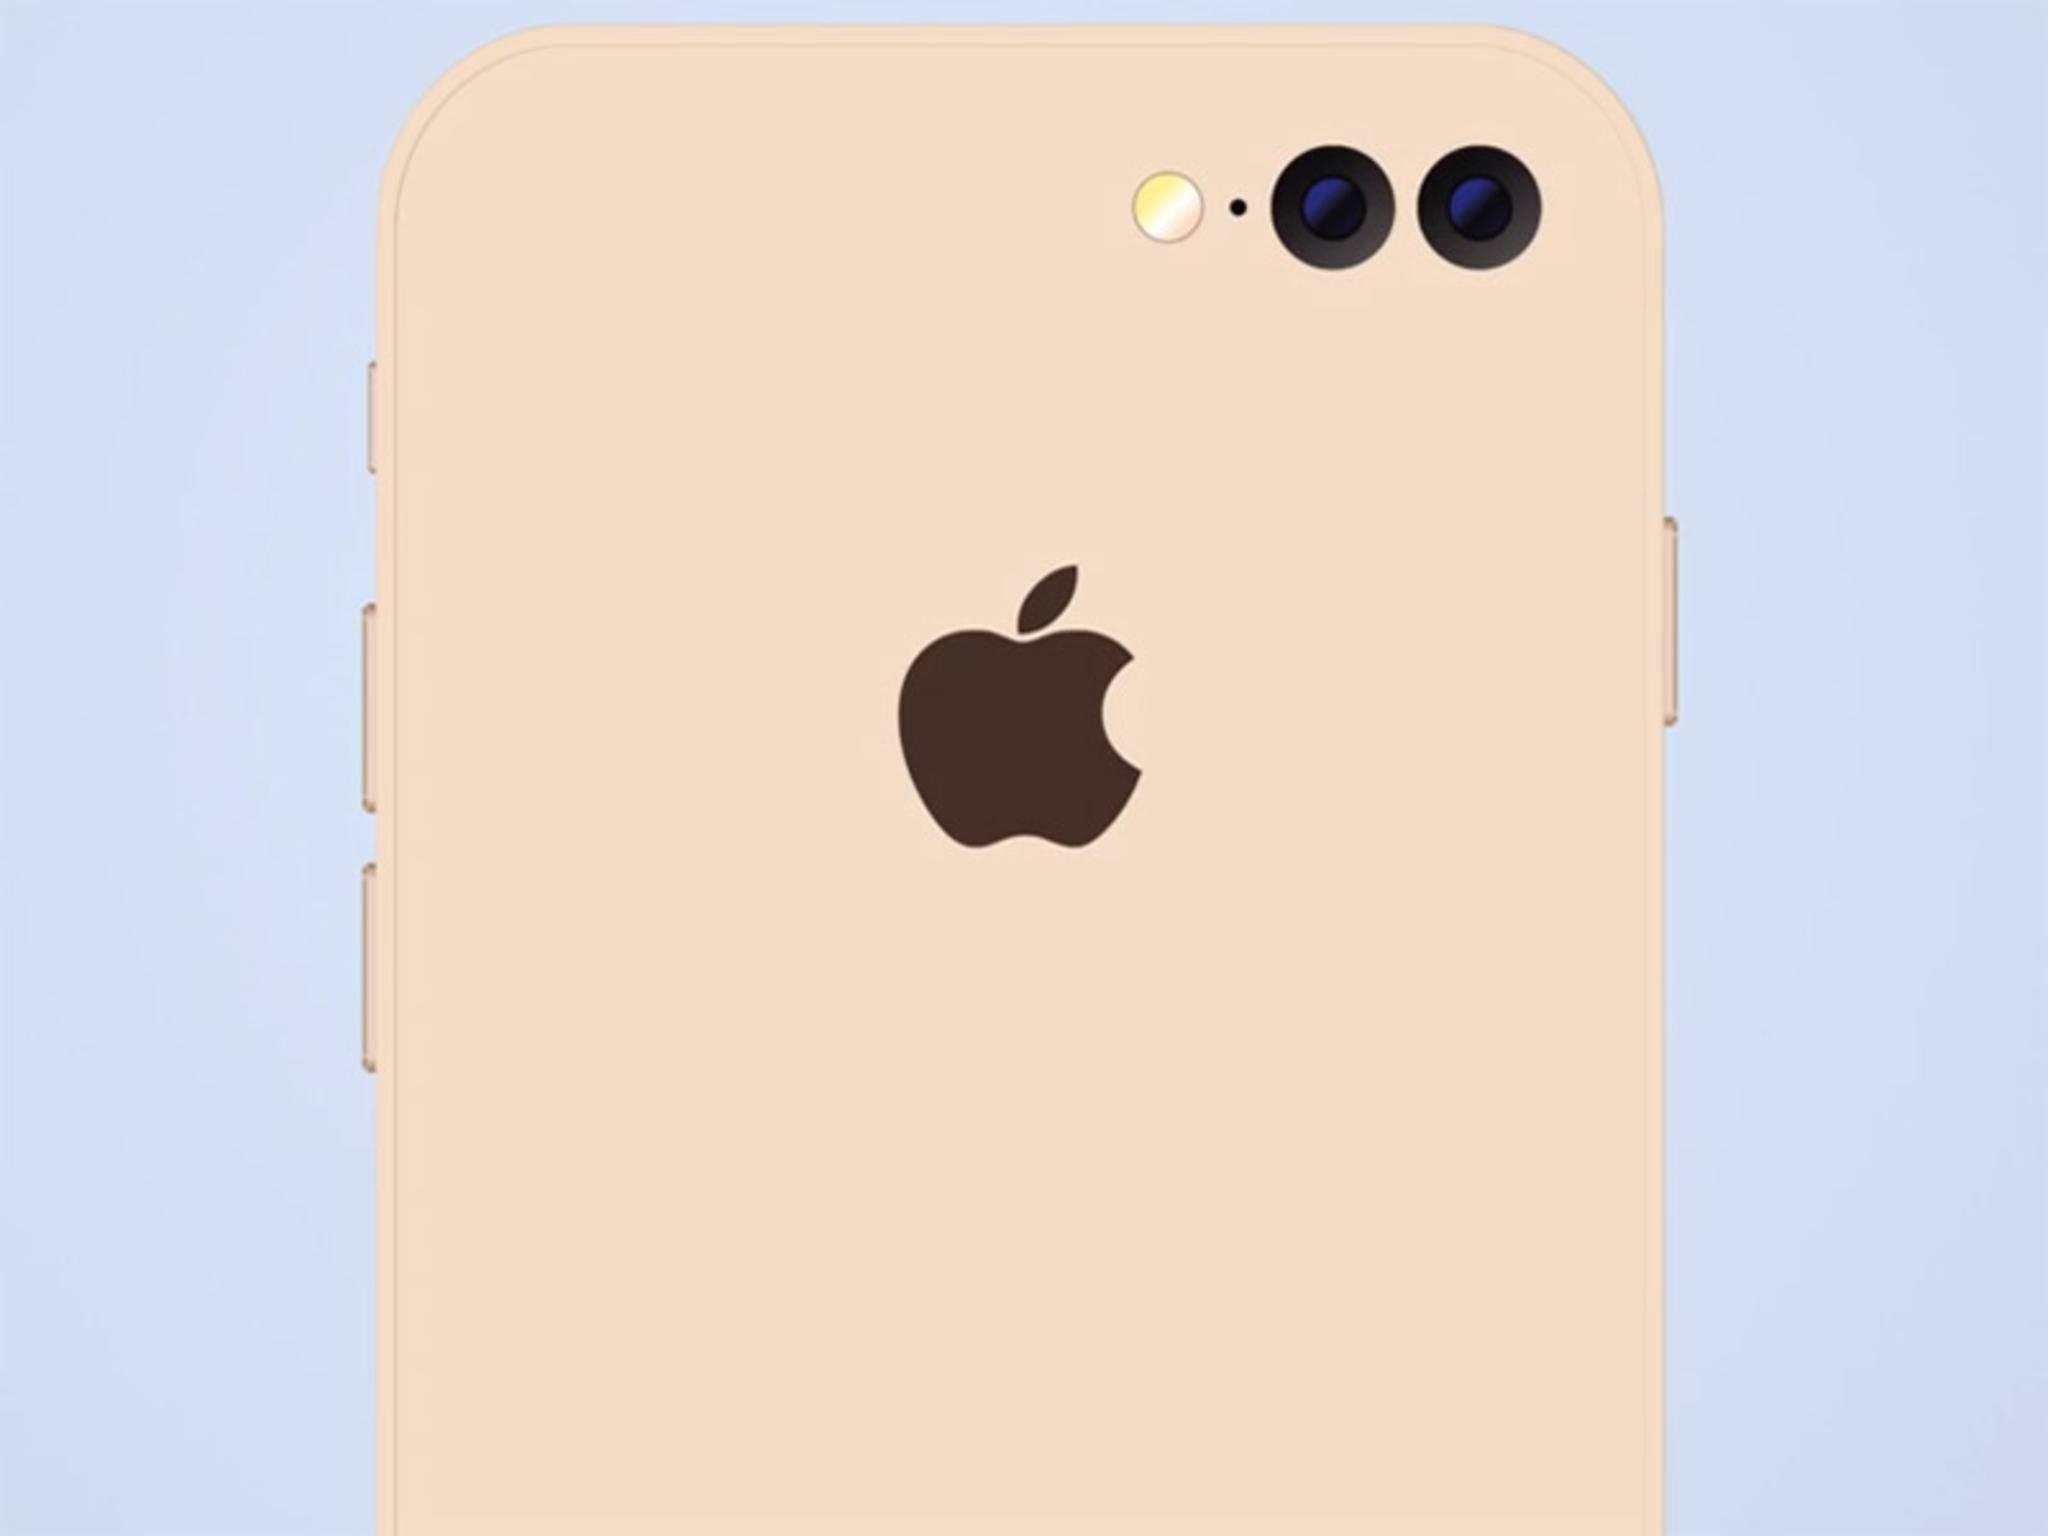 Für das iPhone 7 Plus wird mit einer Dual-Kamera gerechnet.